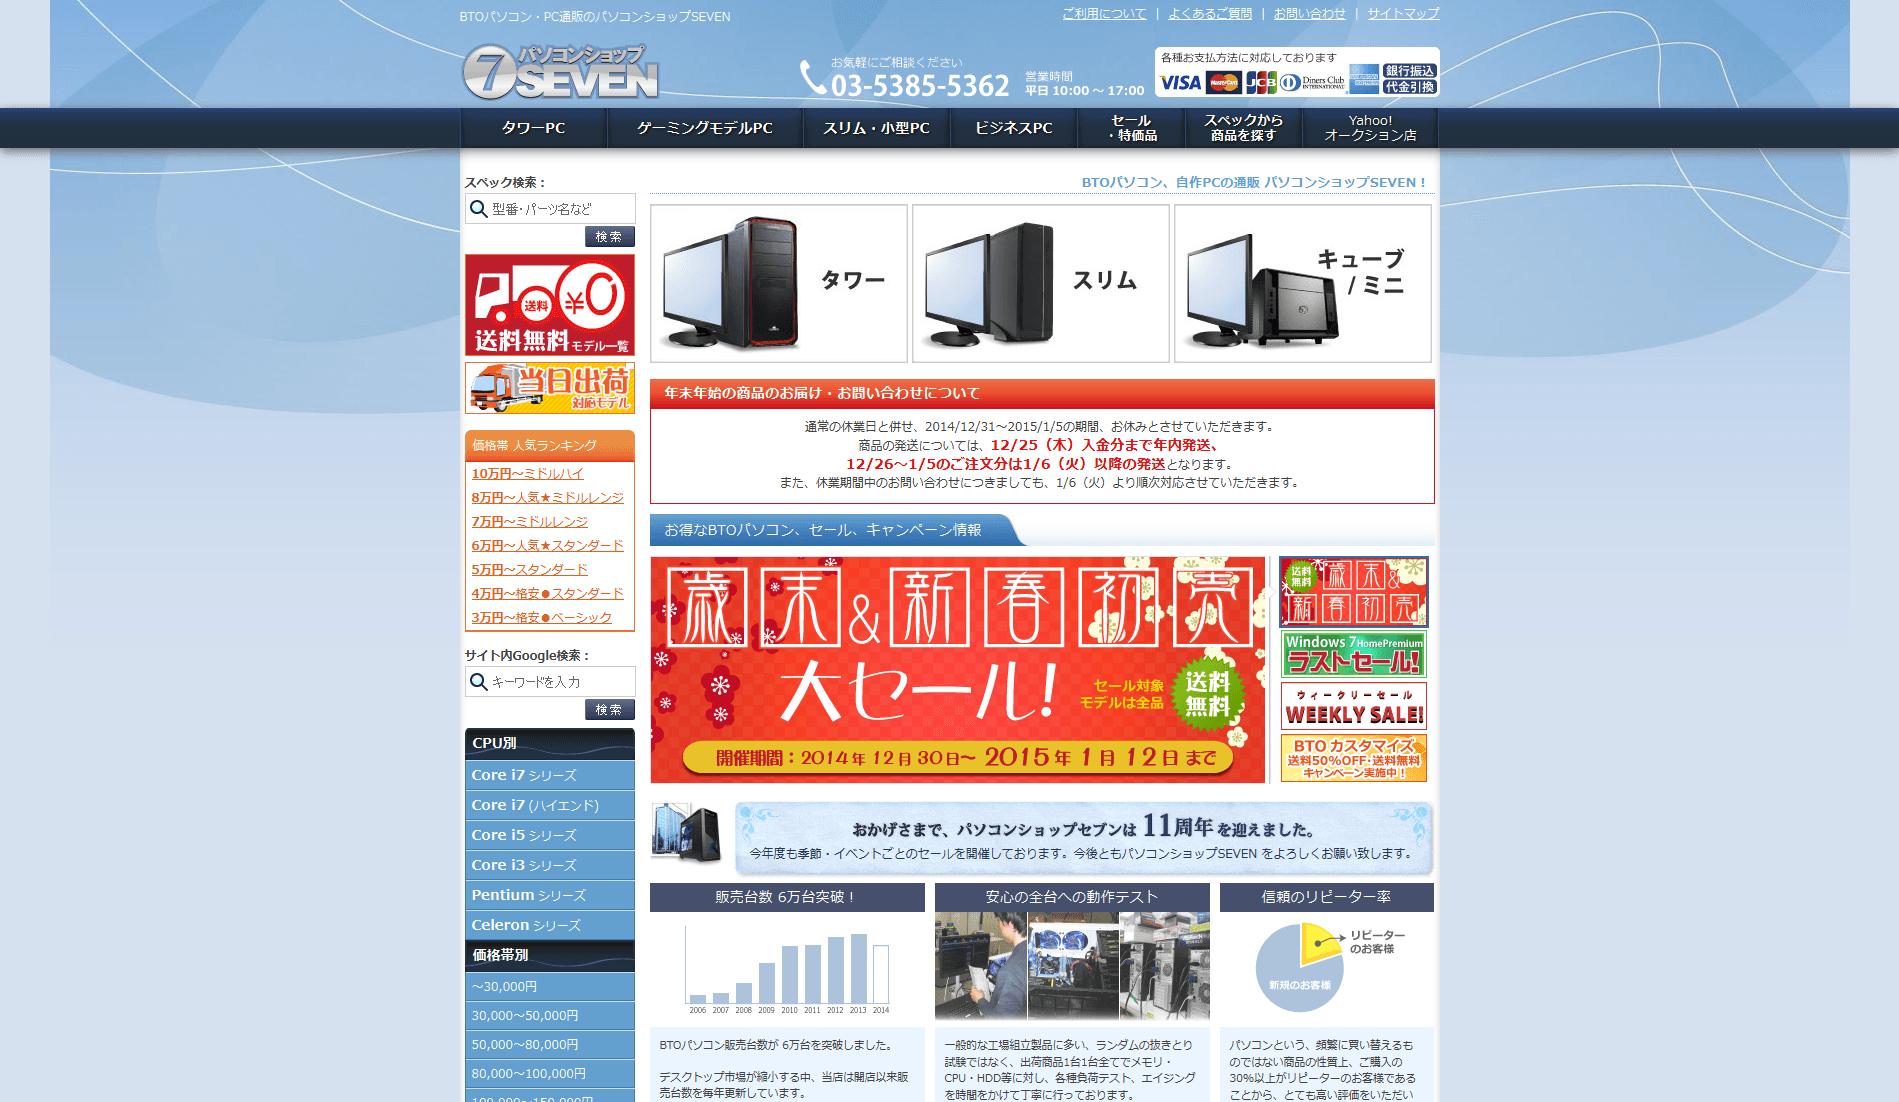 BTOならパソコンショップSEVEN|BTOパソコン通販